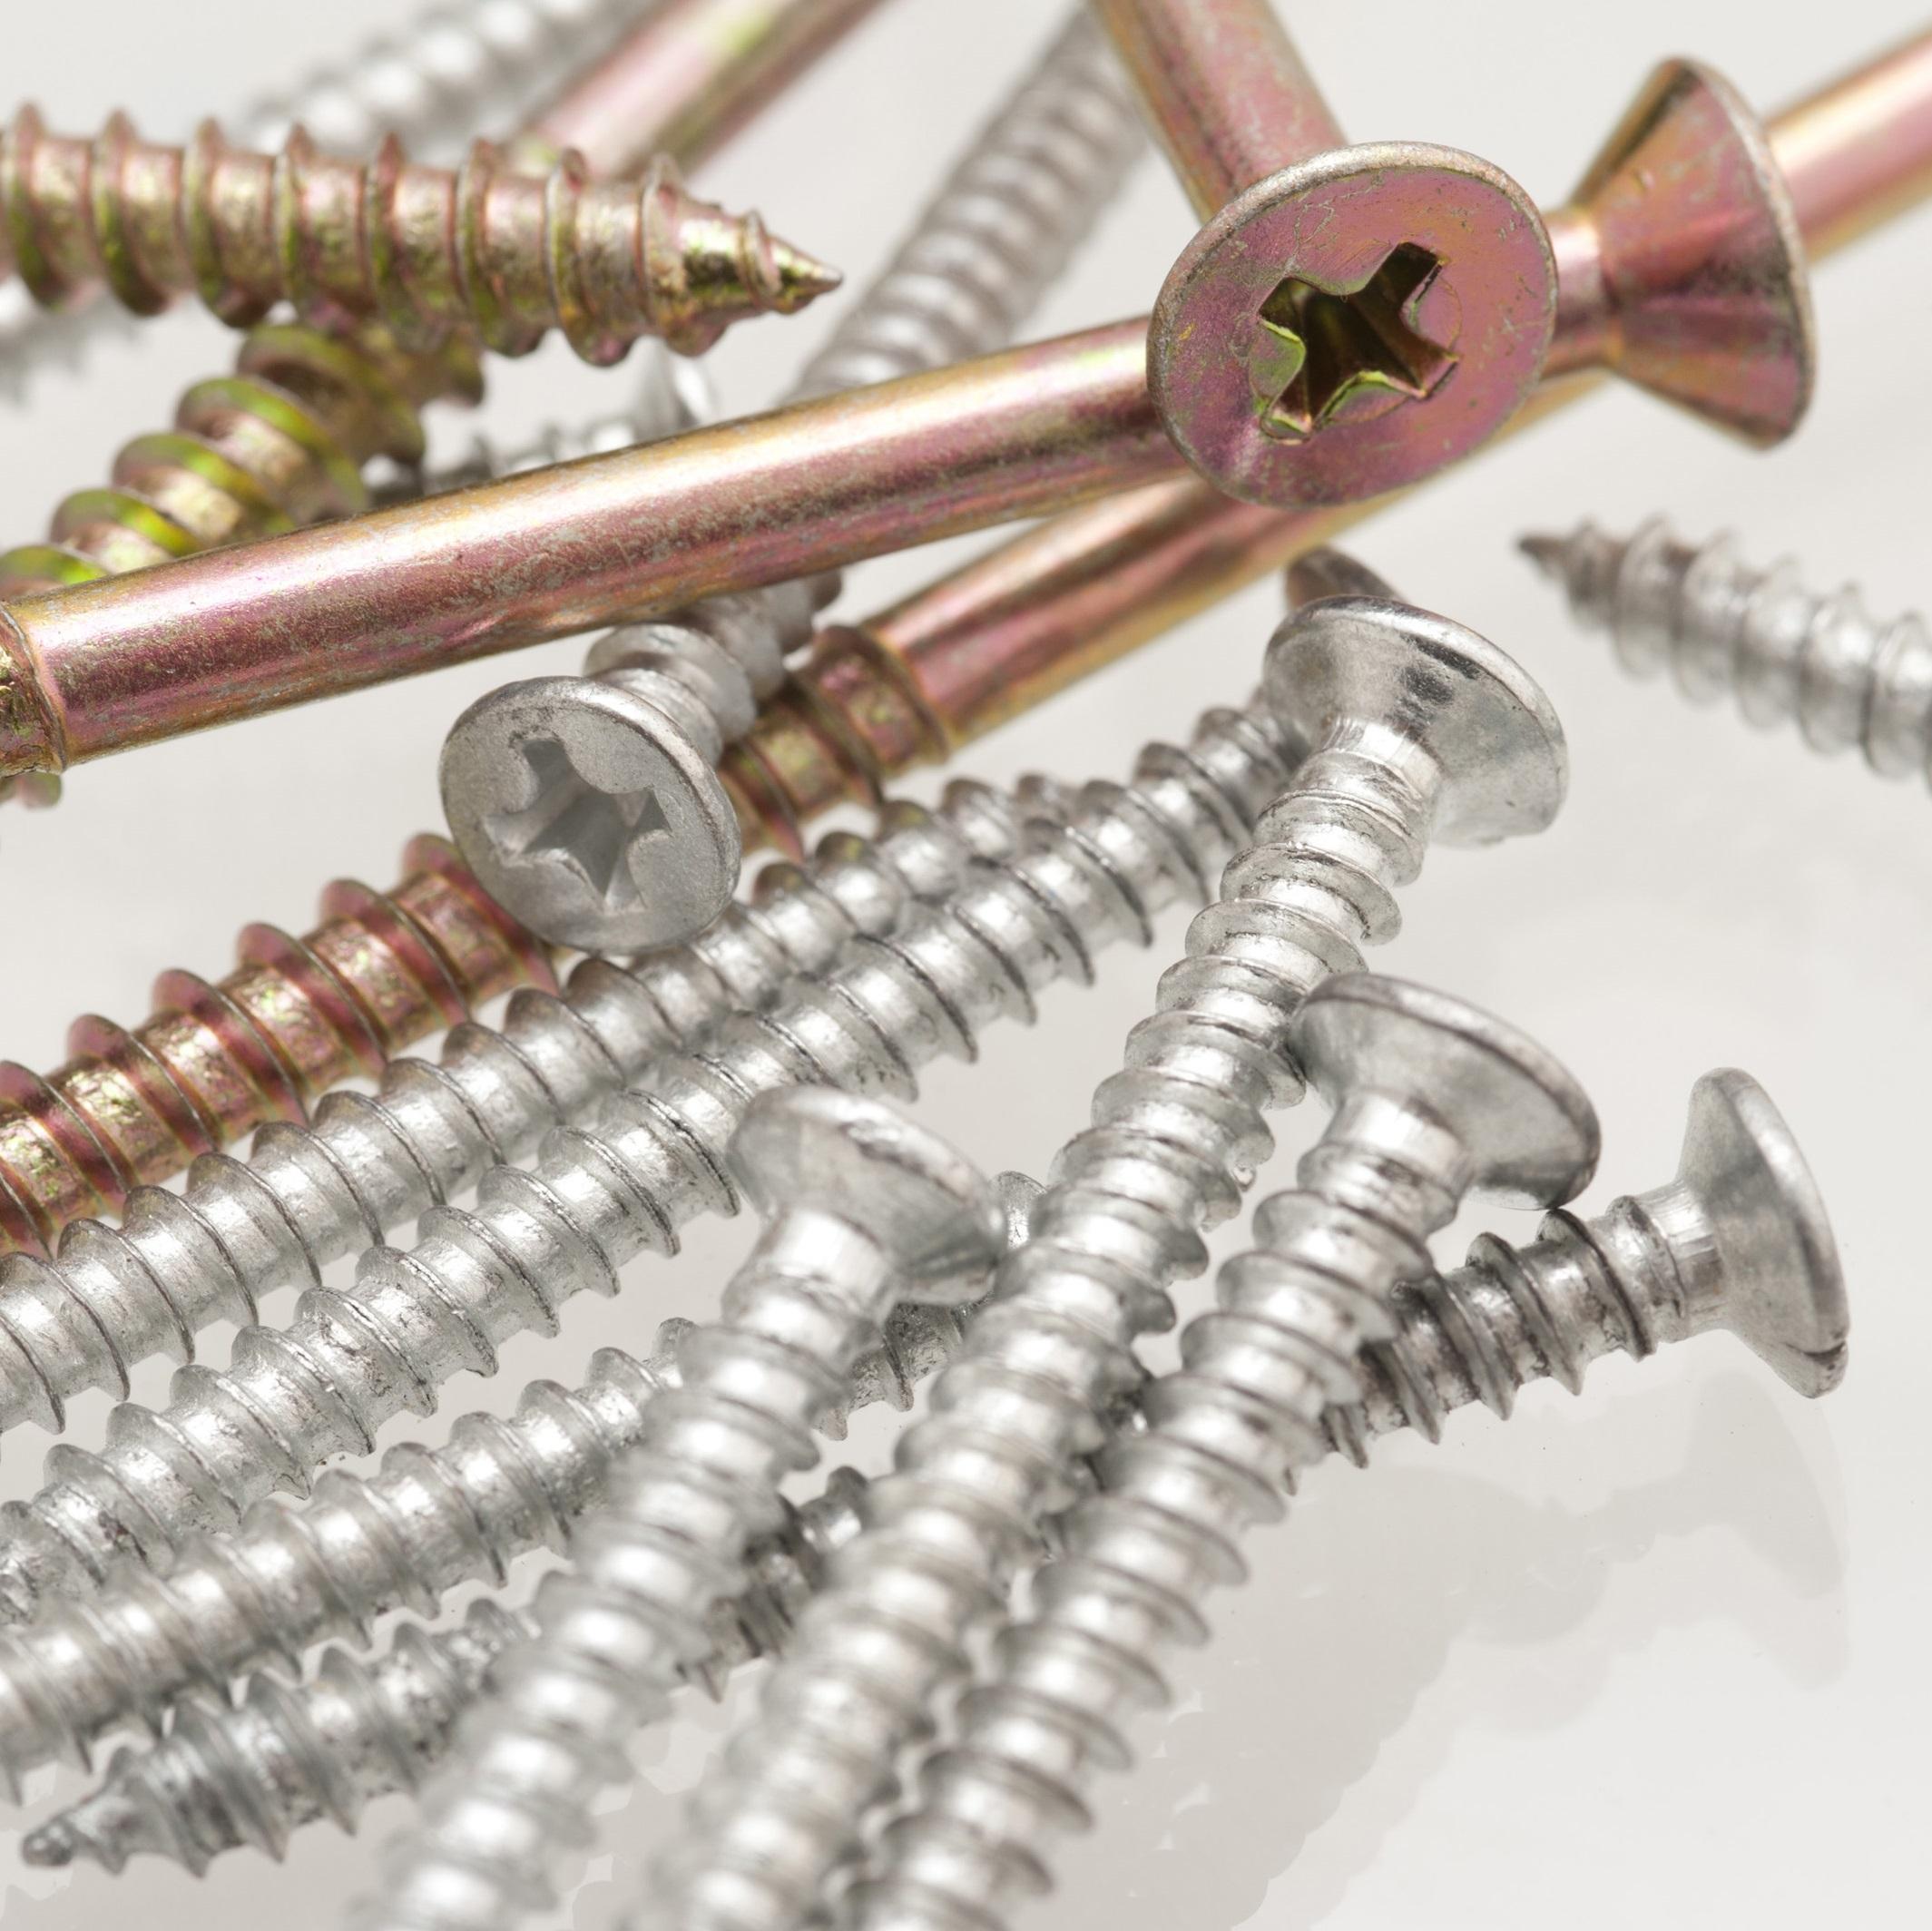 Variety of screws in a haphazard pile